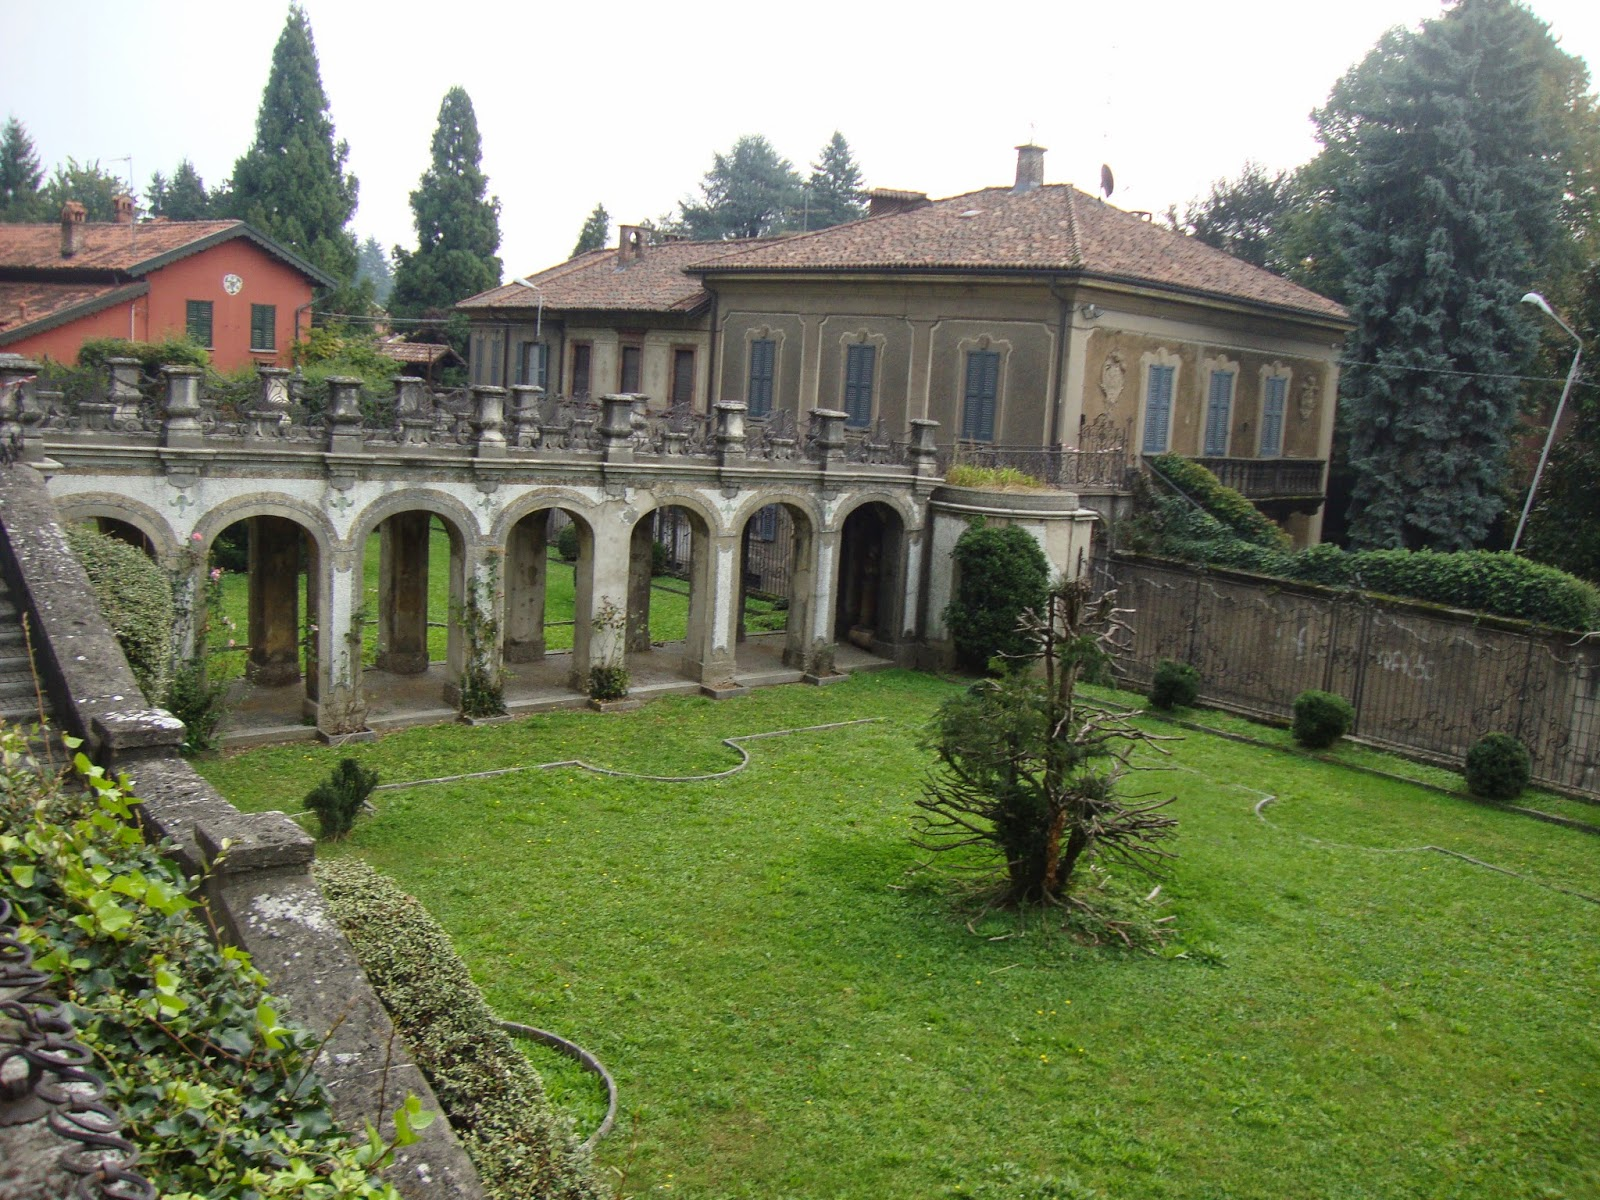 un piccolo giardino in città: il sorprendente e bizzarro giardino ... - Piccolo Giardino Allitaliana